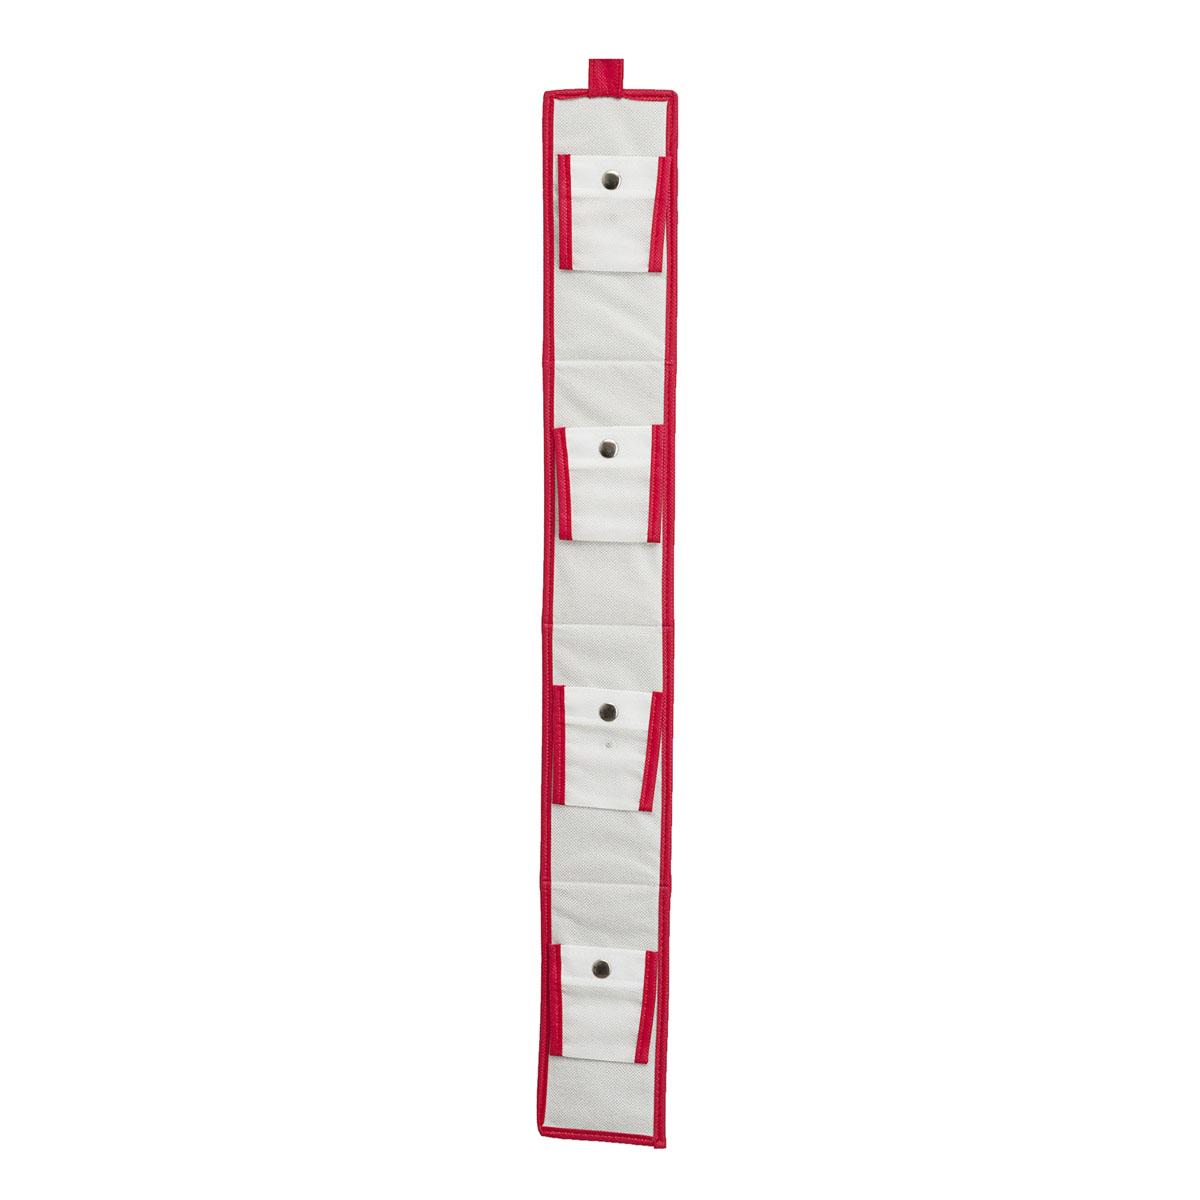 Органайзер для сумок Homsu Scandinavia, 10 х 80 смHOM-229Каждый из нас всегда стремится сохранить свои вещи в полном порядке и именно в том изначальном презентабельном виде, в котором они были в момент приобретения. Подвесной органайзер для сумок - идеальный вариант для этих целей. Благодаря шести раздельным кармашкам на кнопках, он надежно закрепит и сохранит все ваши сумки и клатчи. Фактический цвет может отличаться от заявленного.